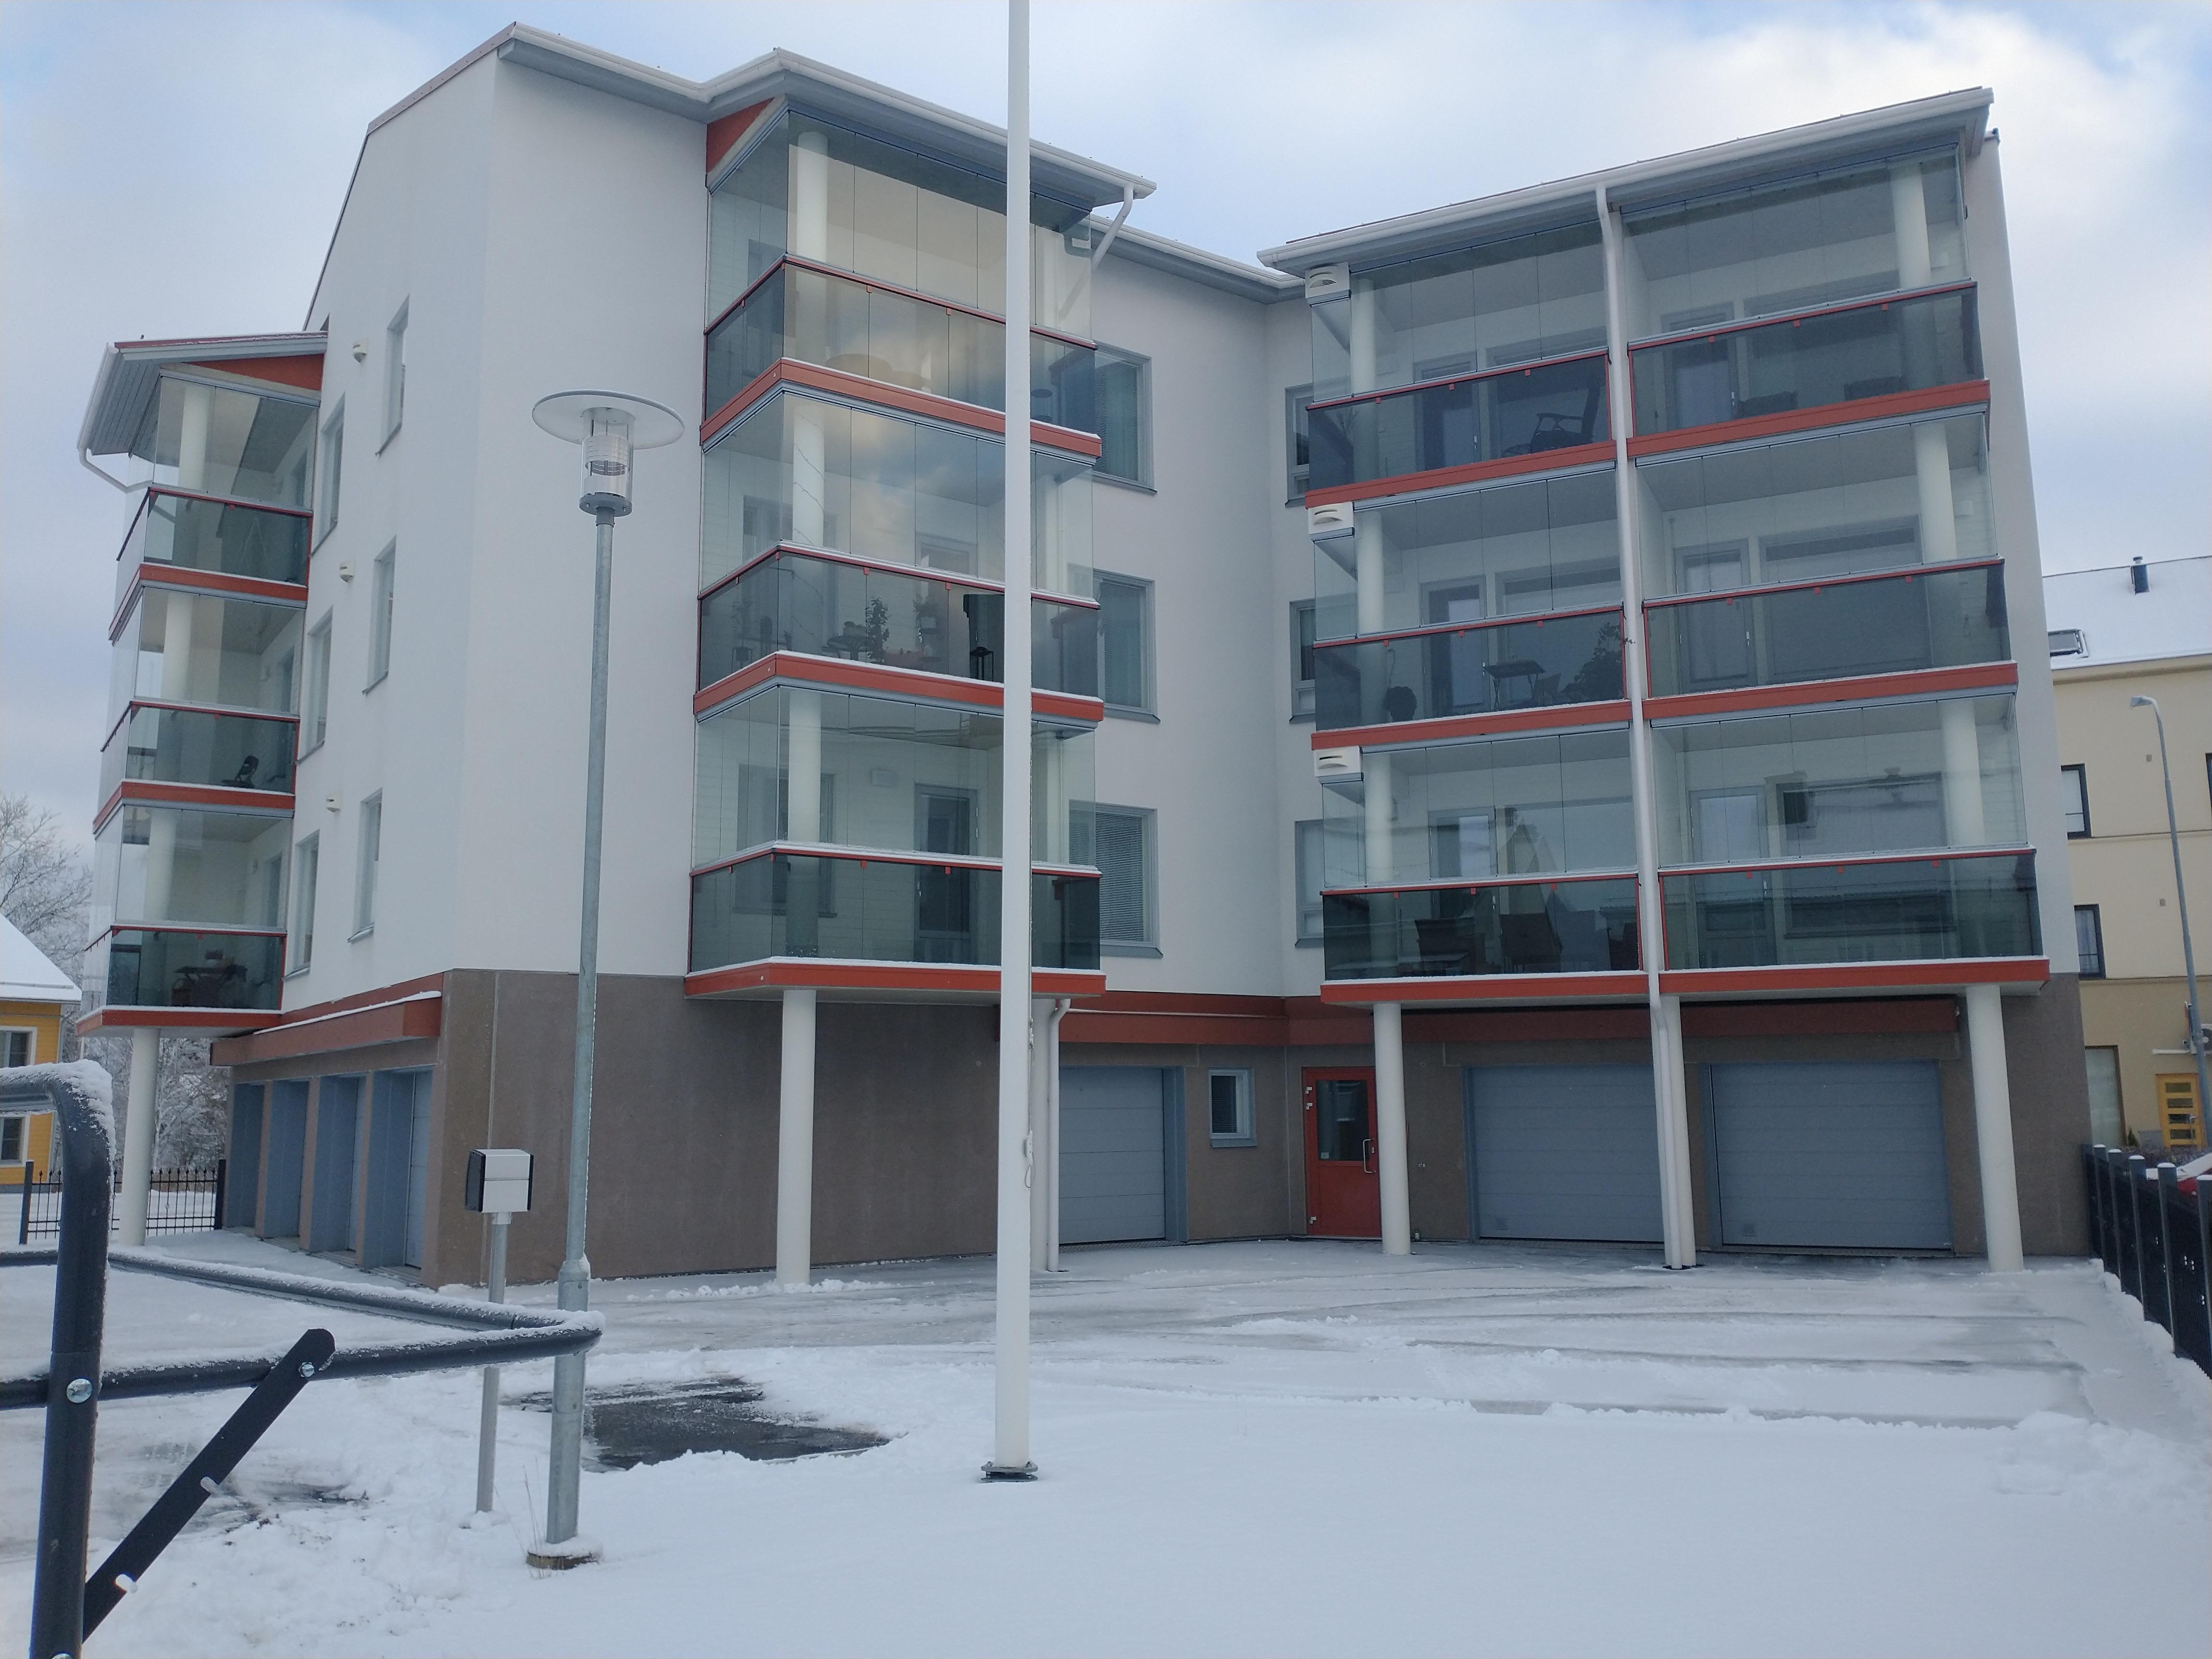 Satakunnantie 4 A1, Loimaa